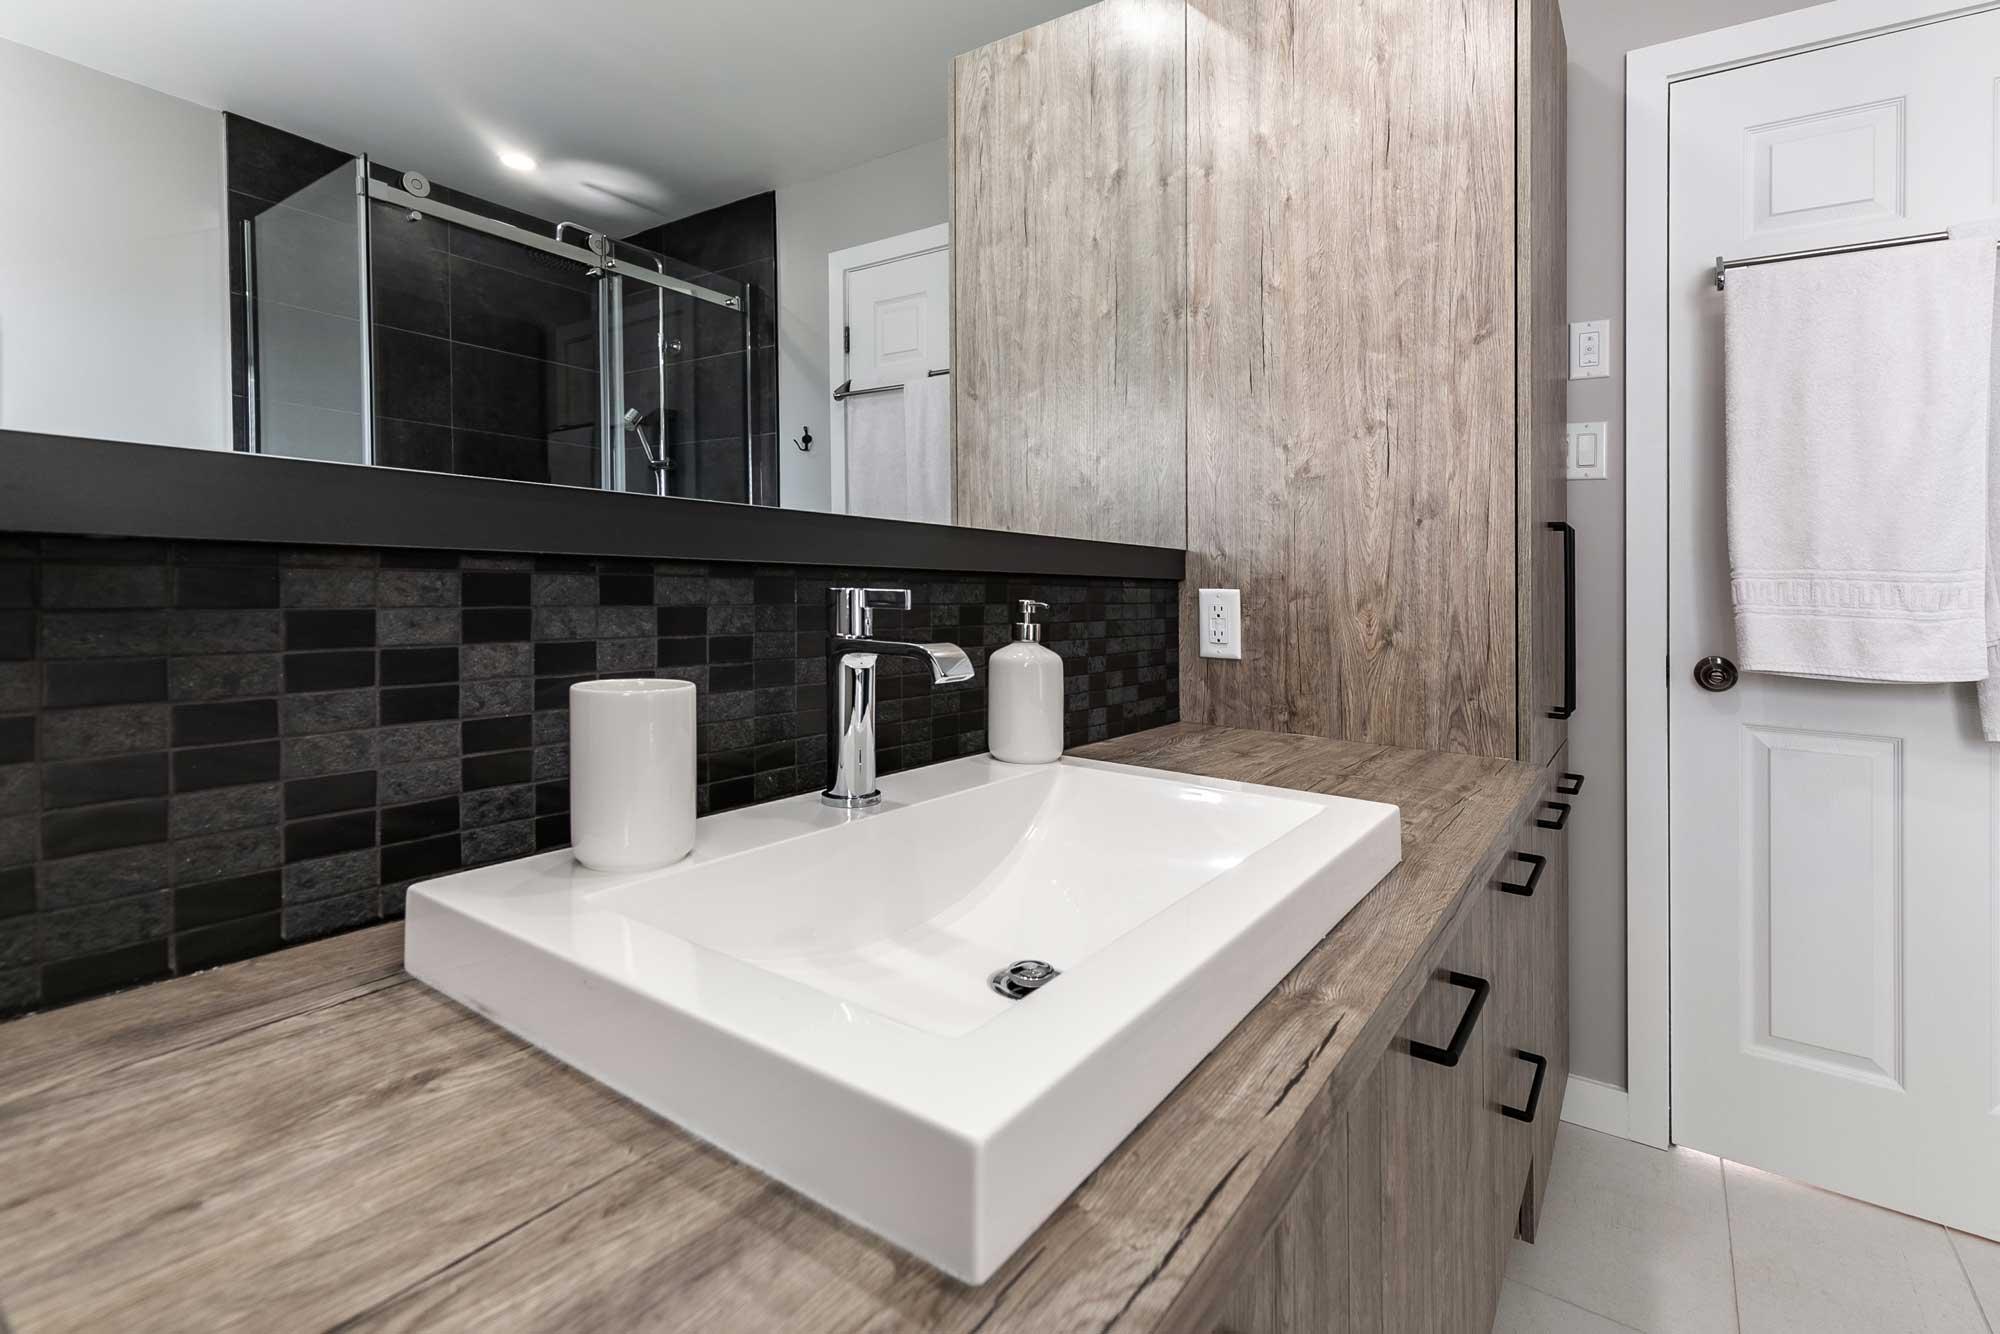 salle de bain design avec lavabo rectangle blanc et grand miroir